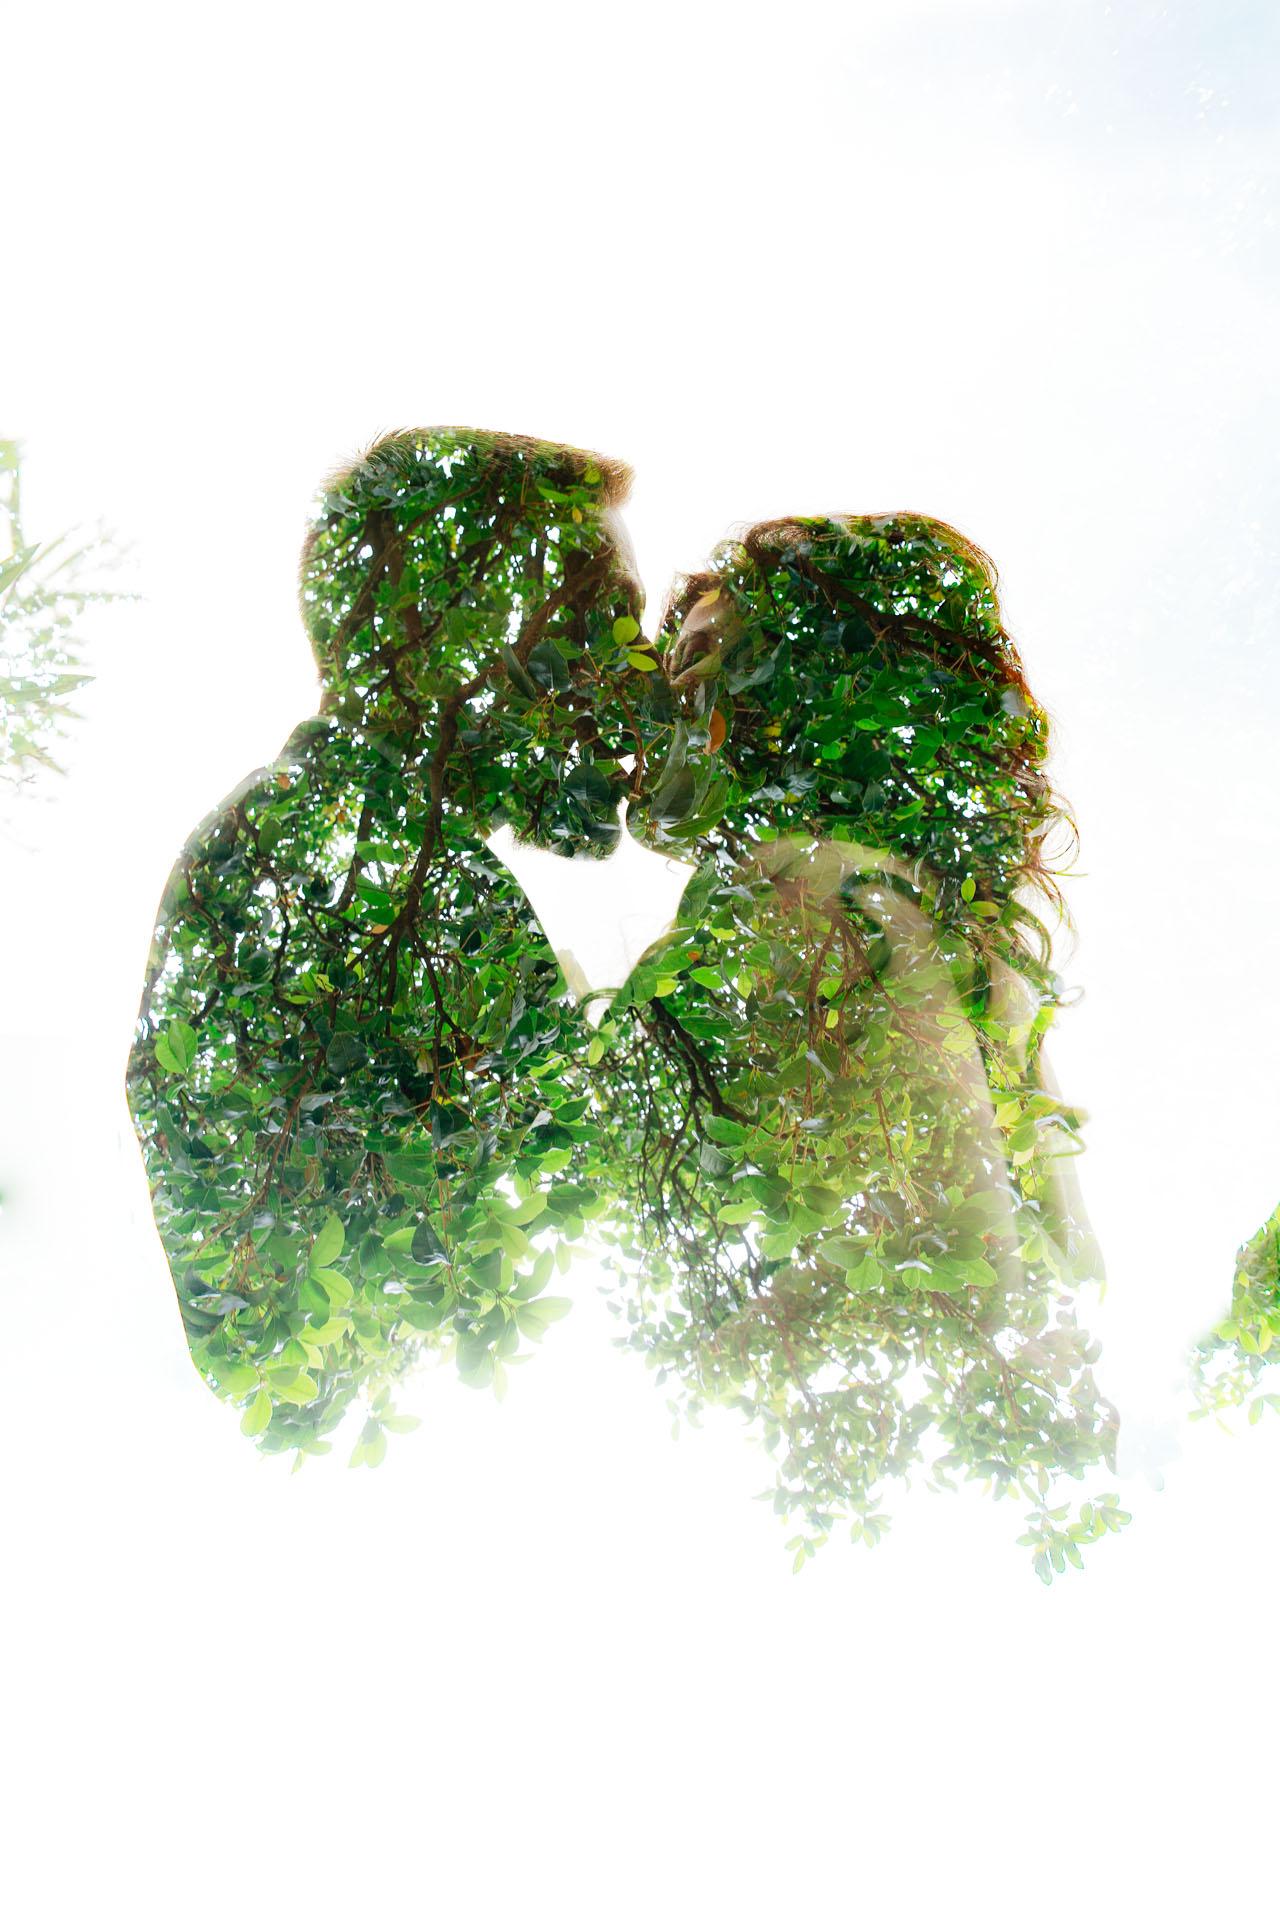 Jessica-Jason-Double-Exposure-Weddingdestination-Storytelling-Renato-Zanette-Fotografo-Convento-San-Francesco-Conegliano-Treviso-Veneto